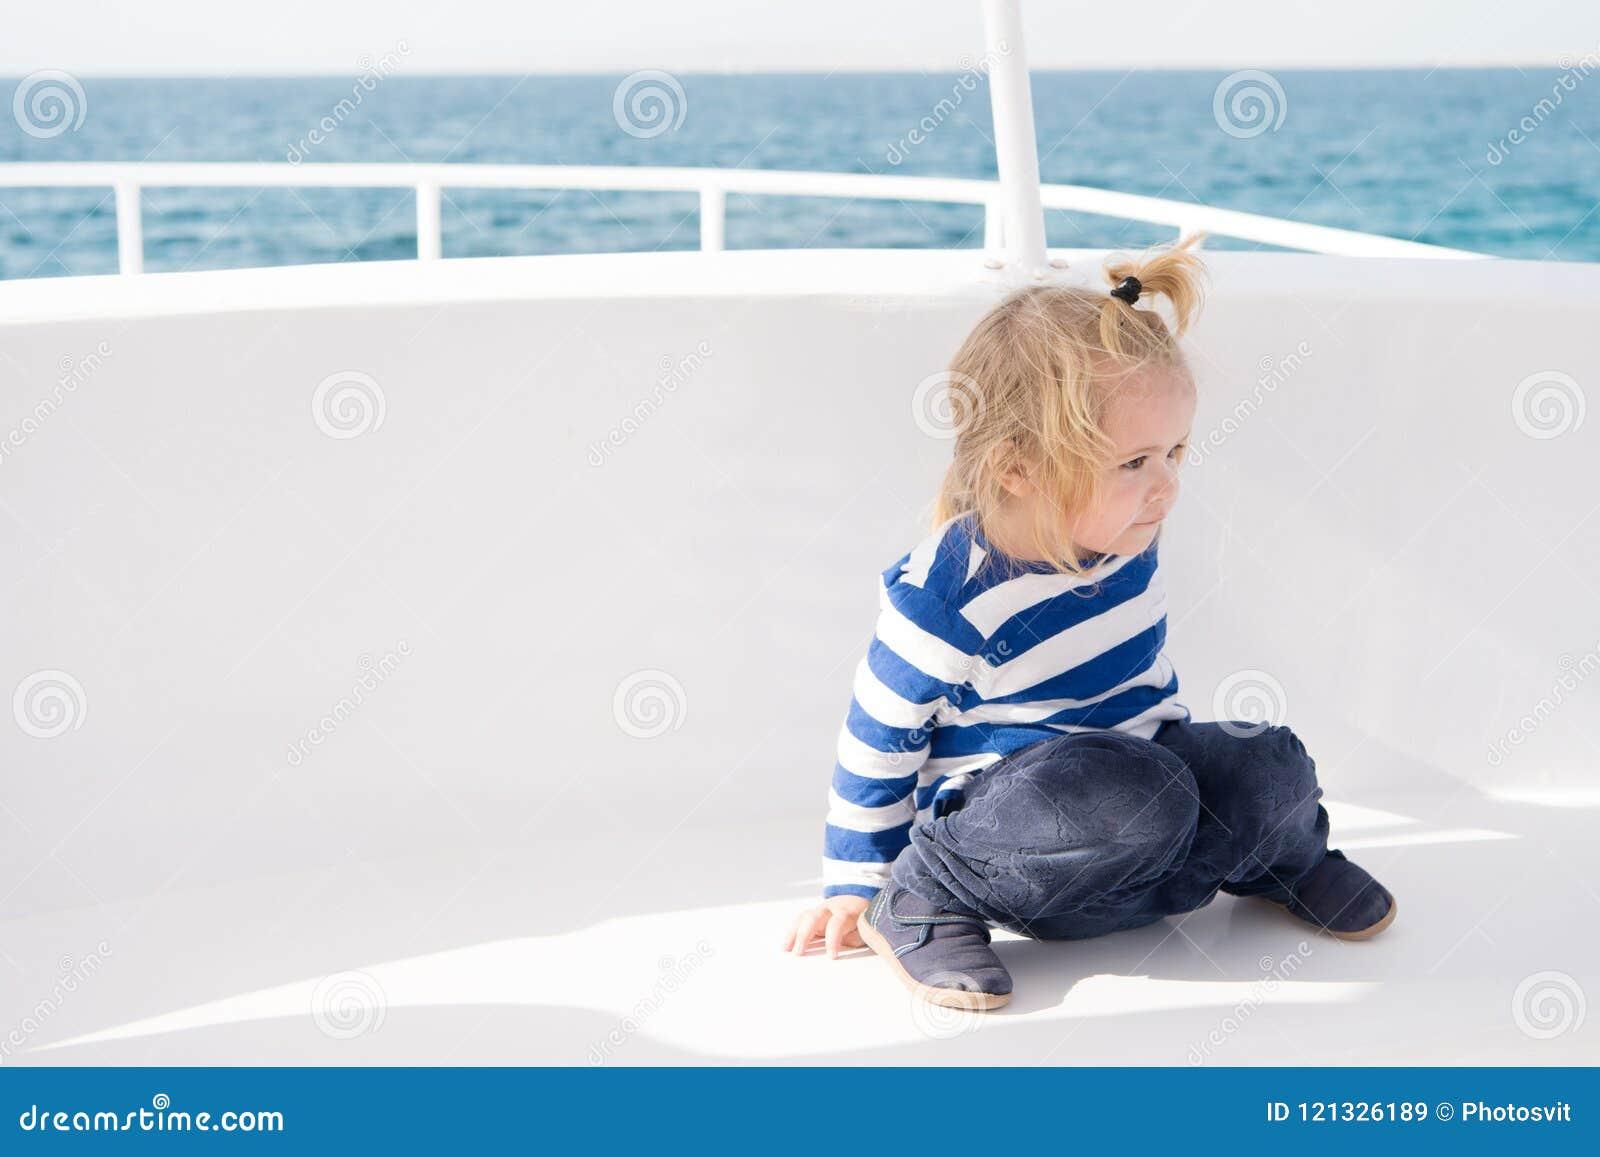 Характеристики ребенк дружелюбные Туристическое судно семейного отдыха полностью включительное путешествие Малыш мальчика ребенк